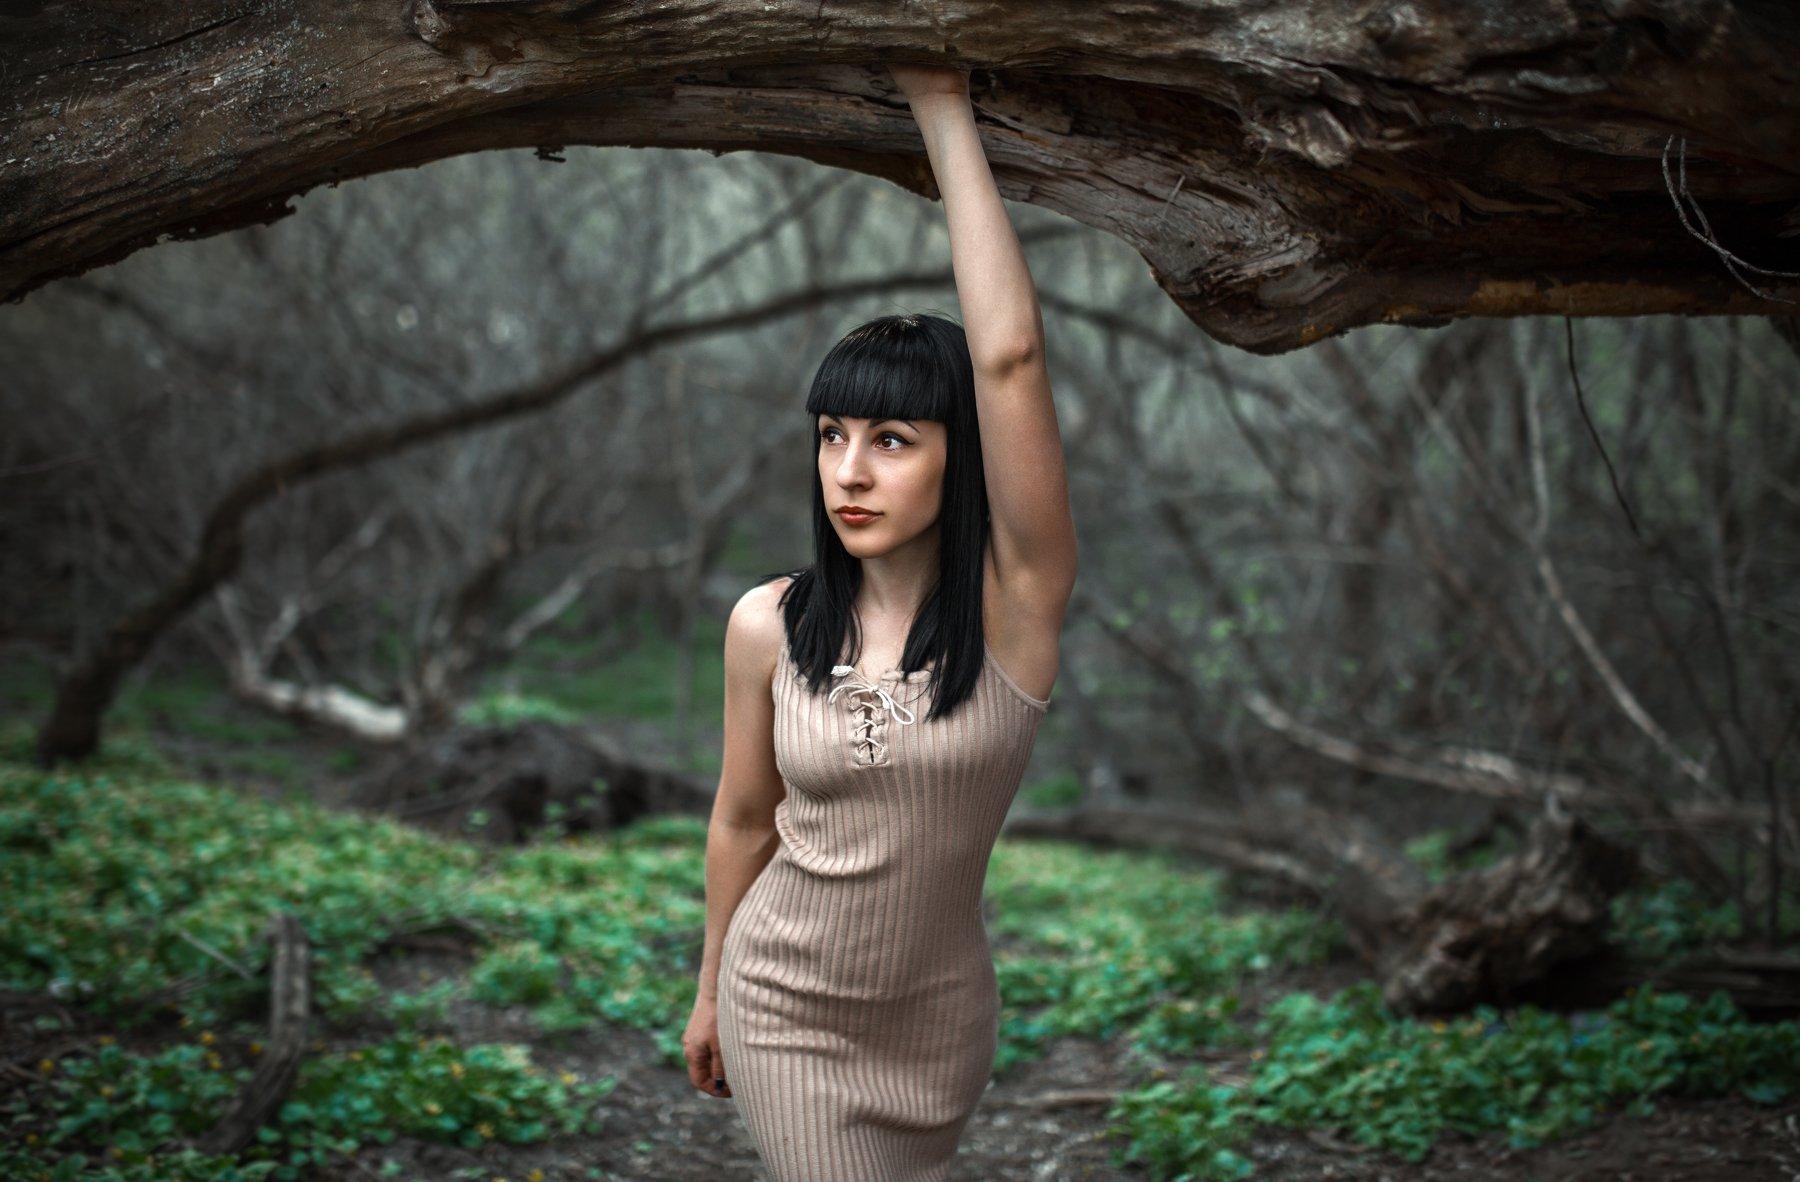 лес, прогулка, портрет, в лесу,, Маховицкая Кристина